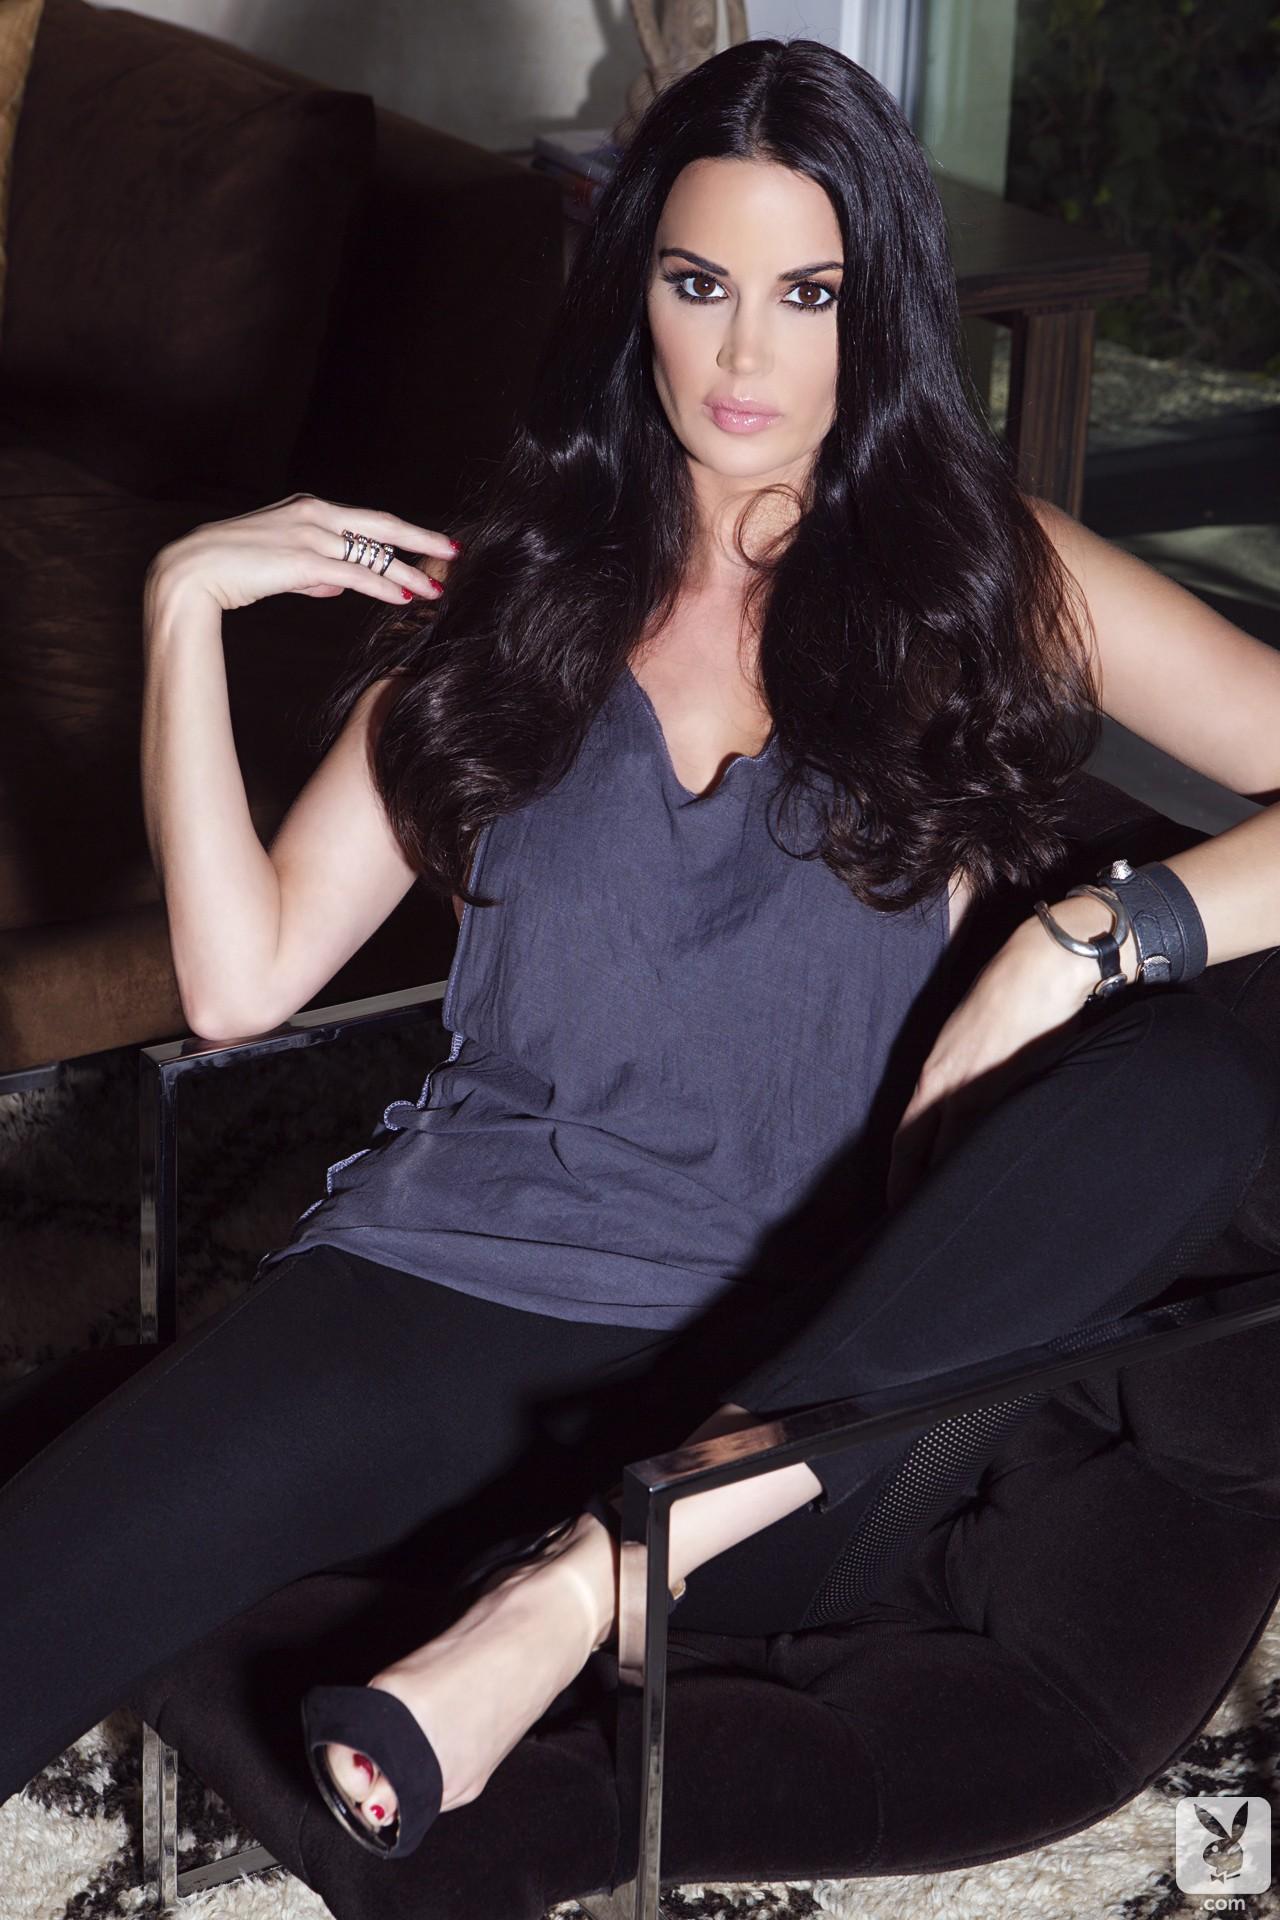 Wallpaper  Women, Model, Long Hair, Brunette, Sitting, Photography, Big Boobs, Dress -5348